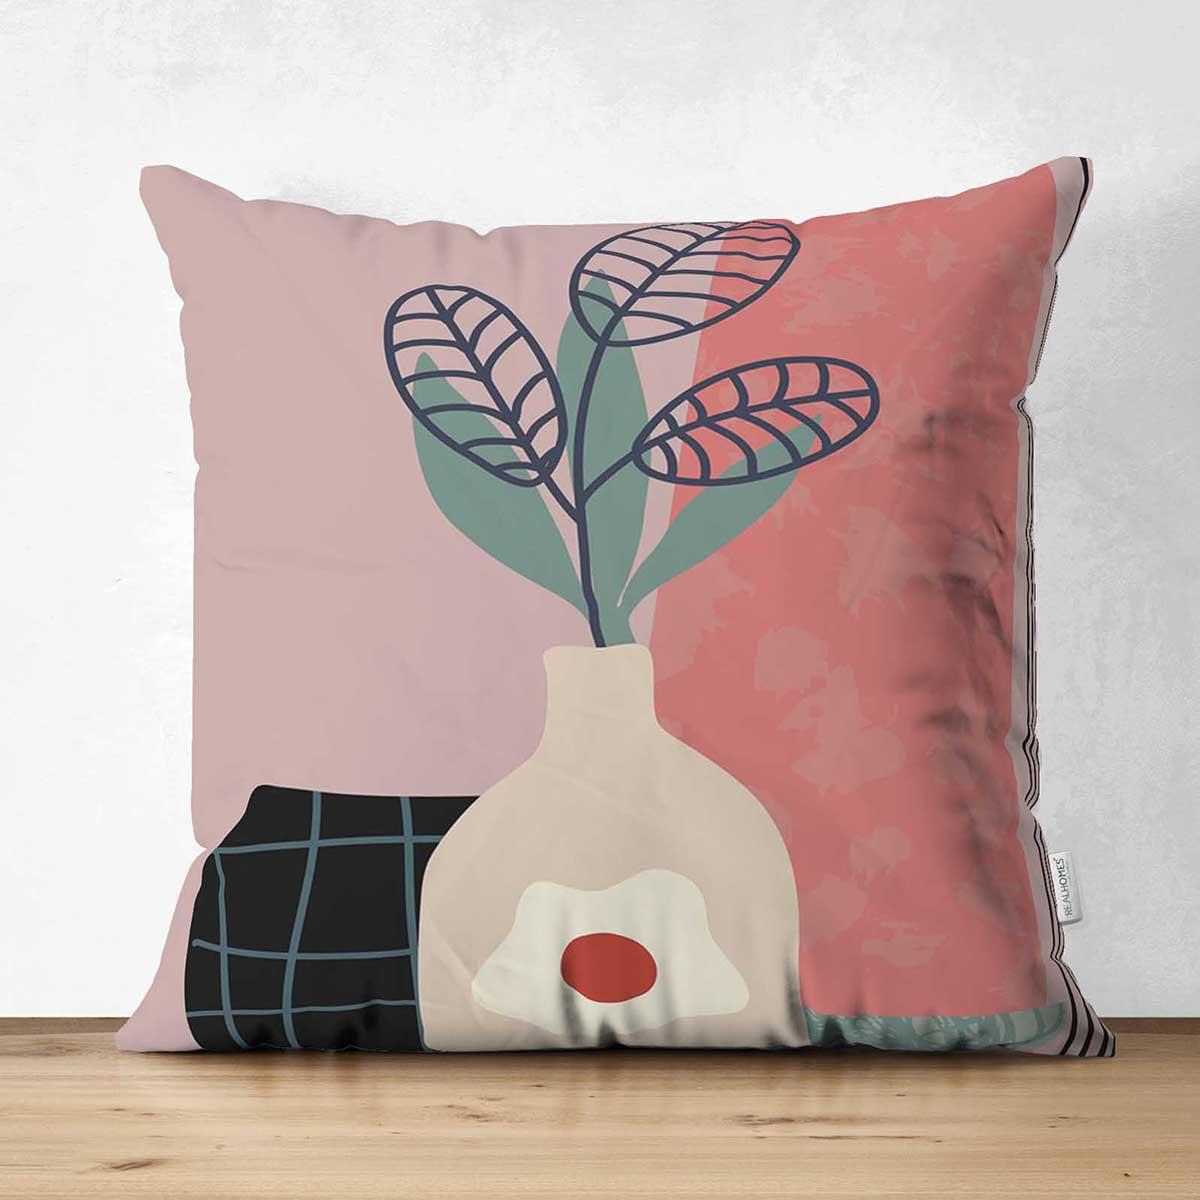 Çift Taraflı Renkli Zeminli Onedraw Çizimli Vazo Çiçek Süet Yastık Kırlent Kılıfı Realhomes